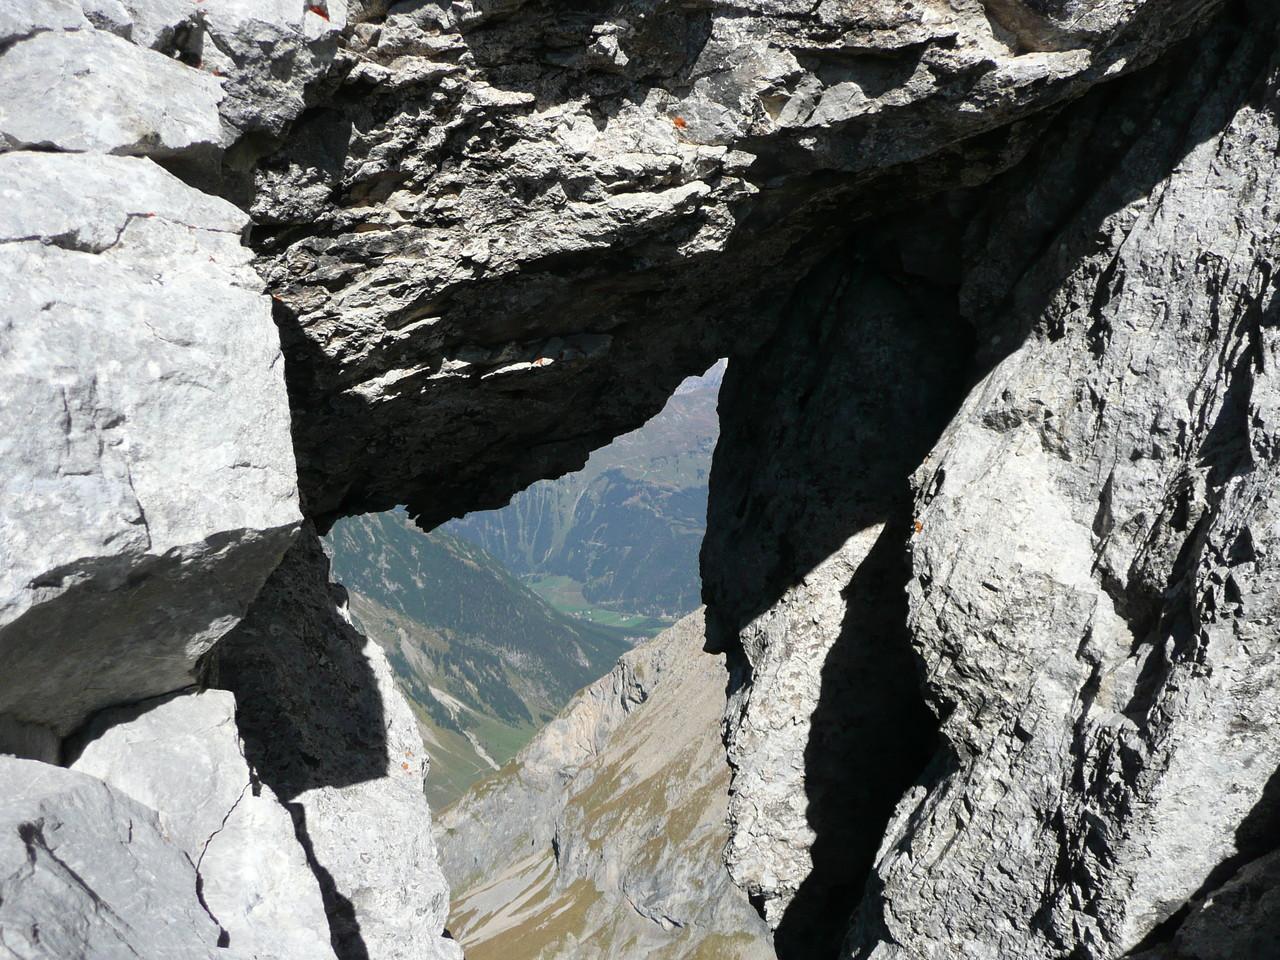 Felsenfenster am Weg